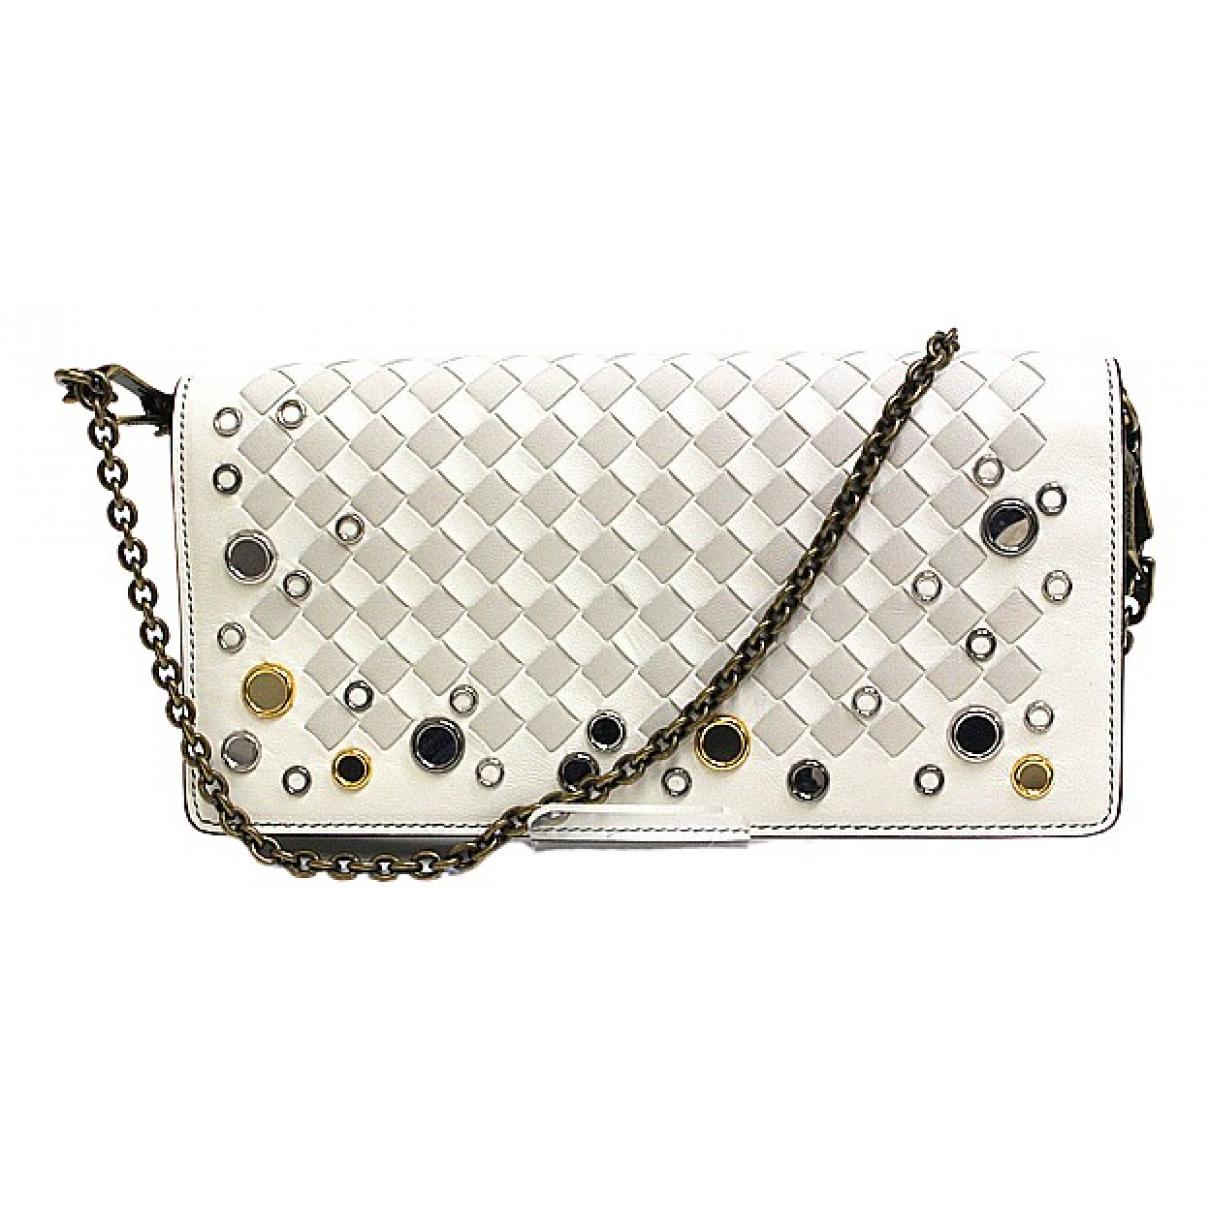 Bottega Veneta Intrecciato White Leather wallet for Women N